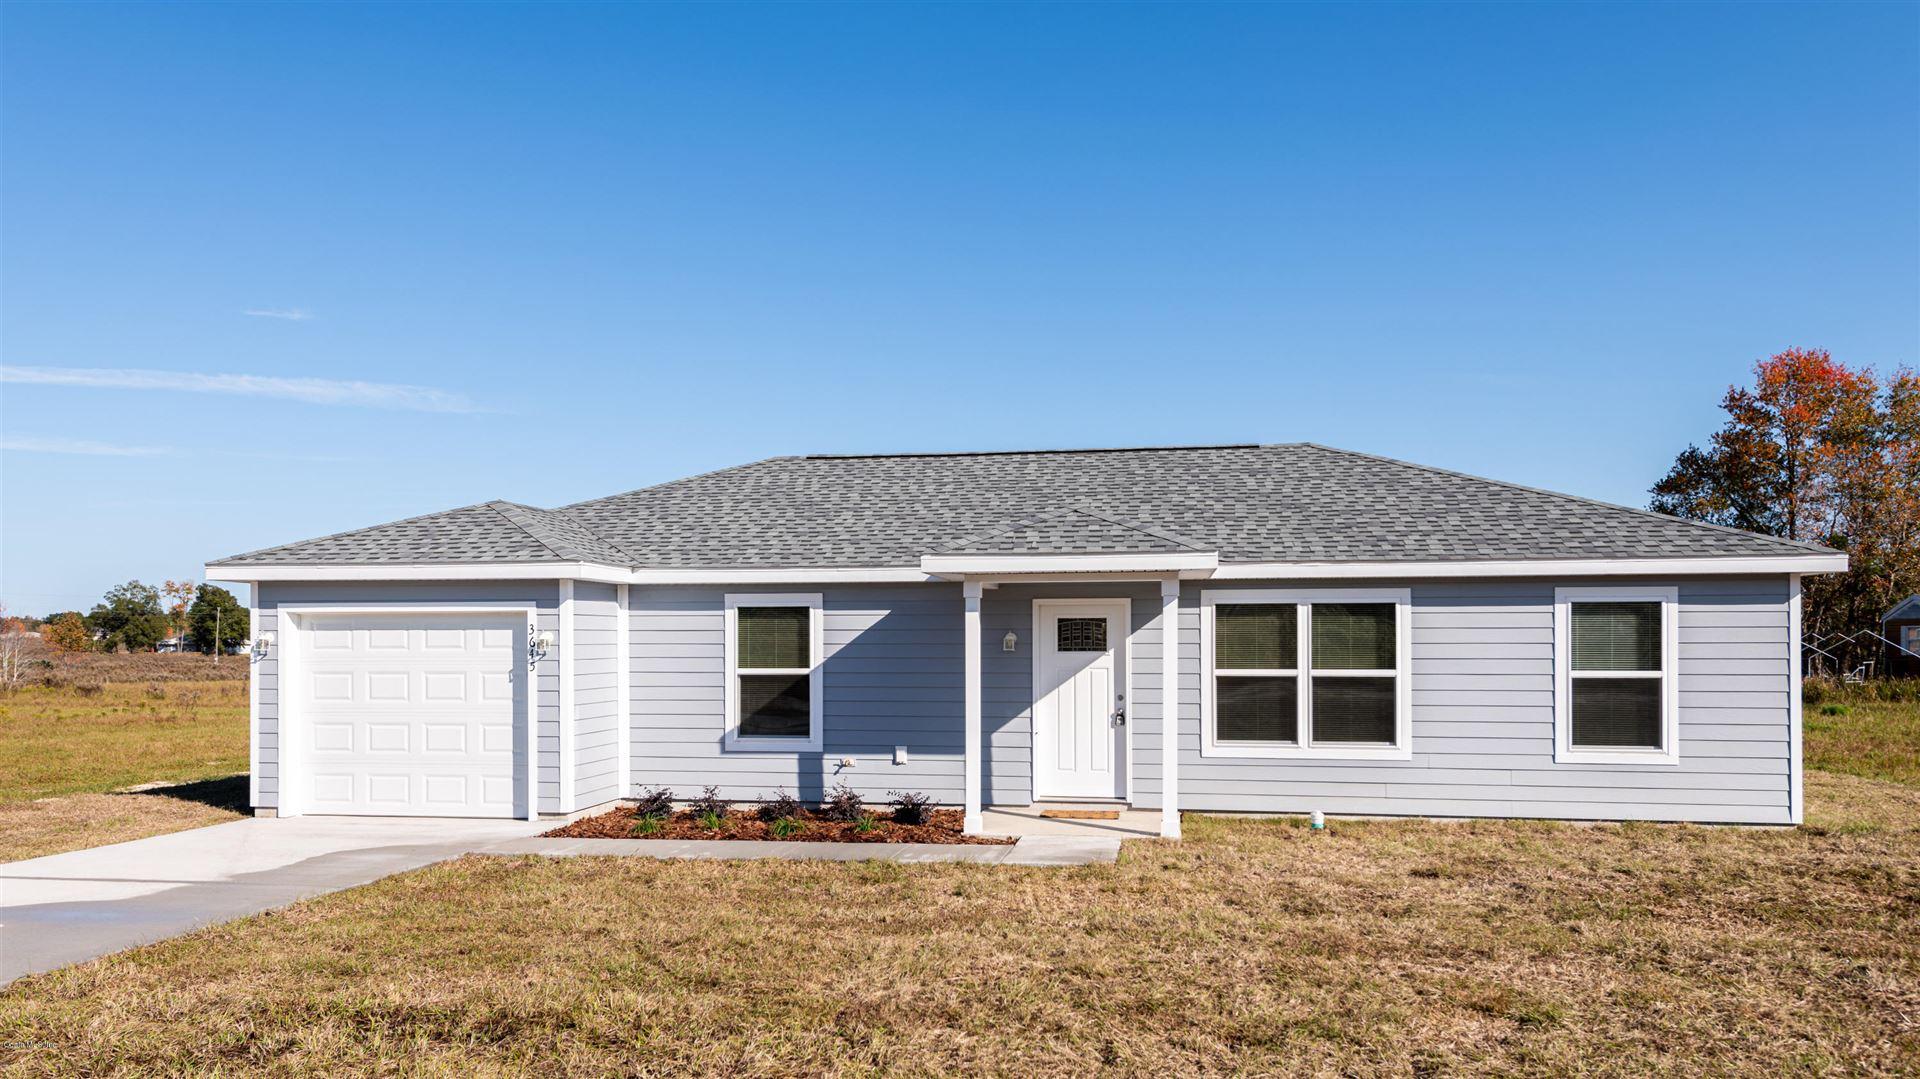 3645 SW 151st Court, Ocala, FL 34481 - MLS#: 566932